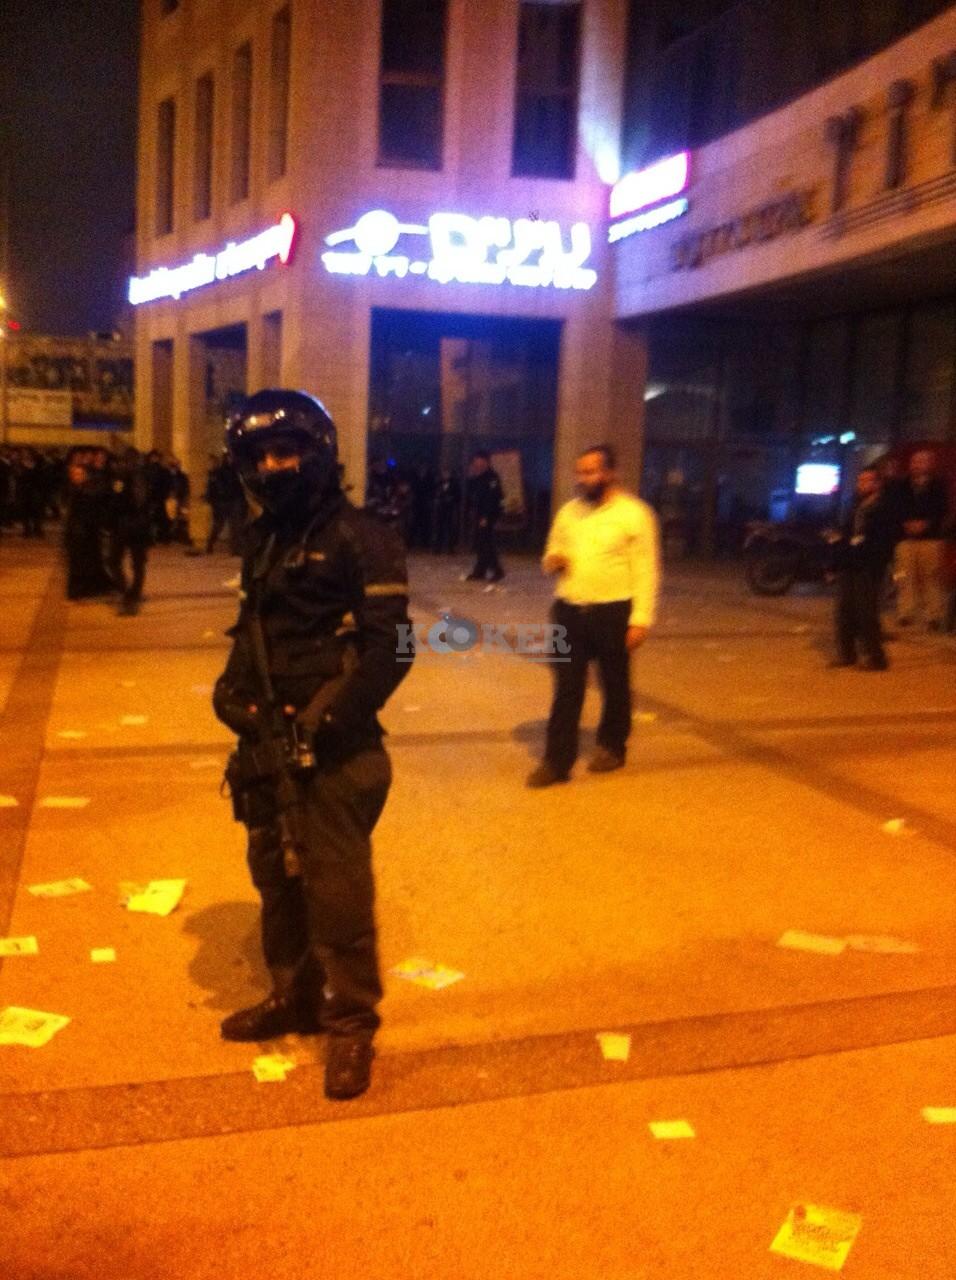 הפגנה נגד אמנון יצחק צילם חיים פביאן - סוכנות הידיעות חדשות 24 (6)